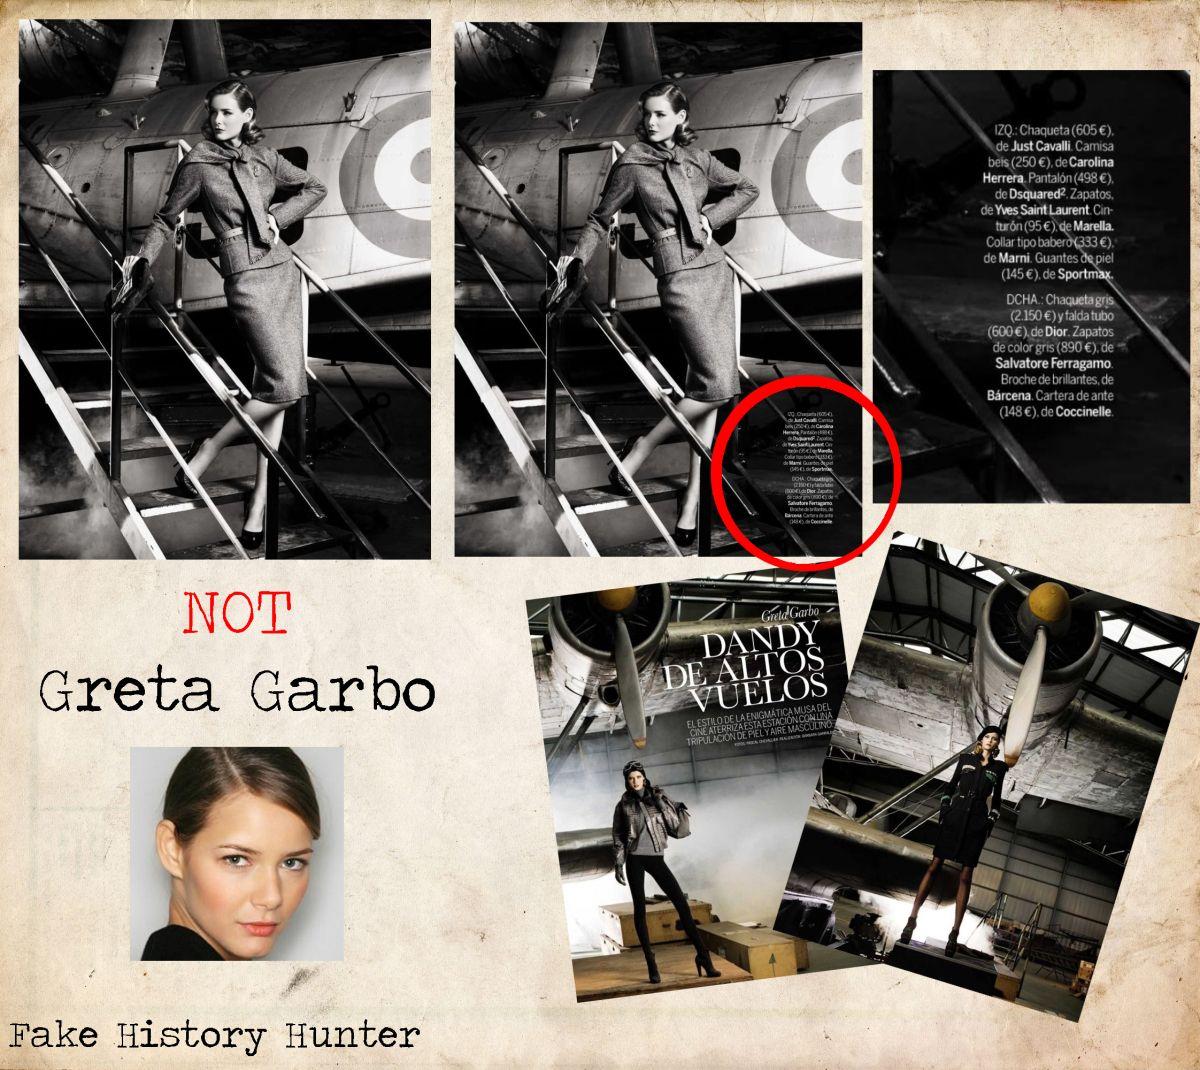 NOT Greta Garbo in 2020